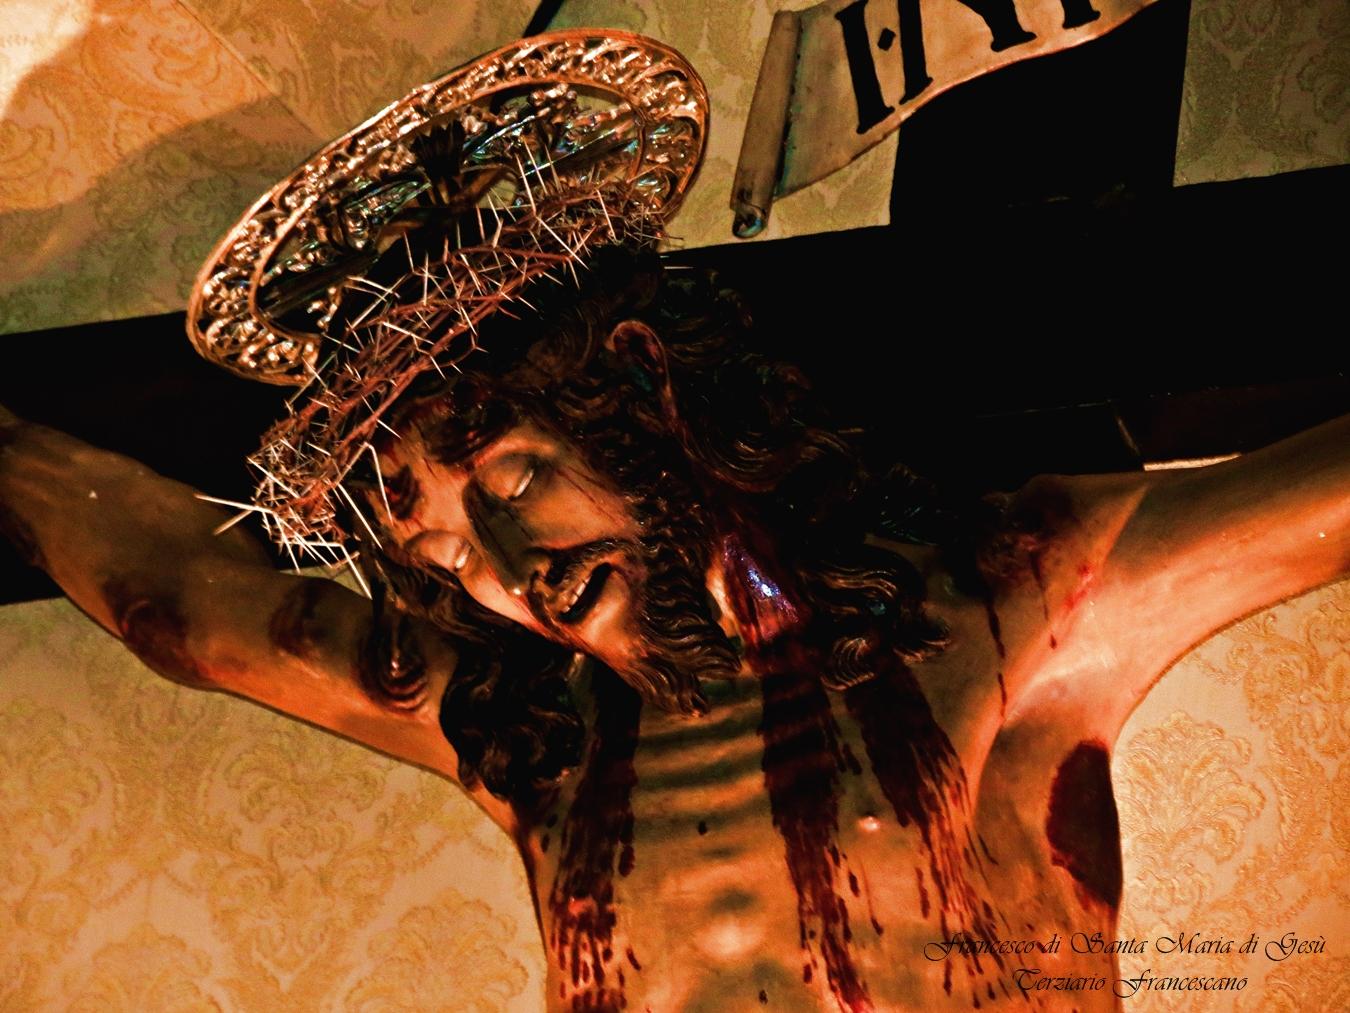 Risultati immagini per Gesù Cristo croce tutto è compiuto